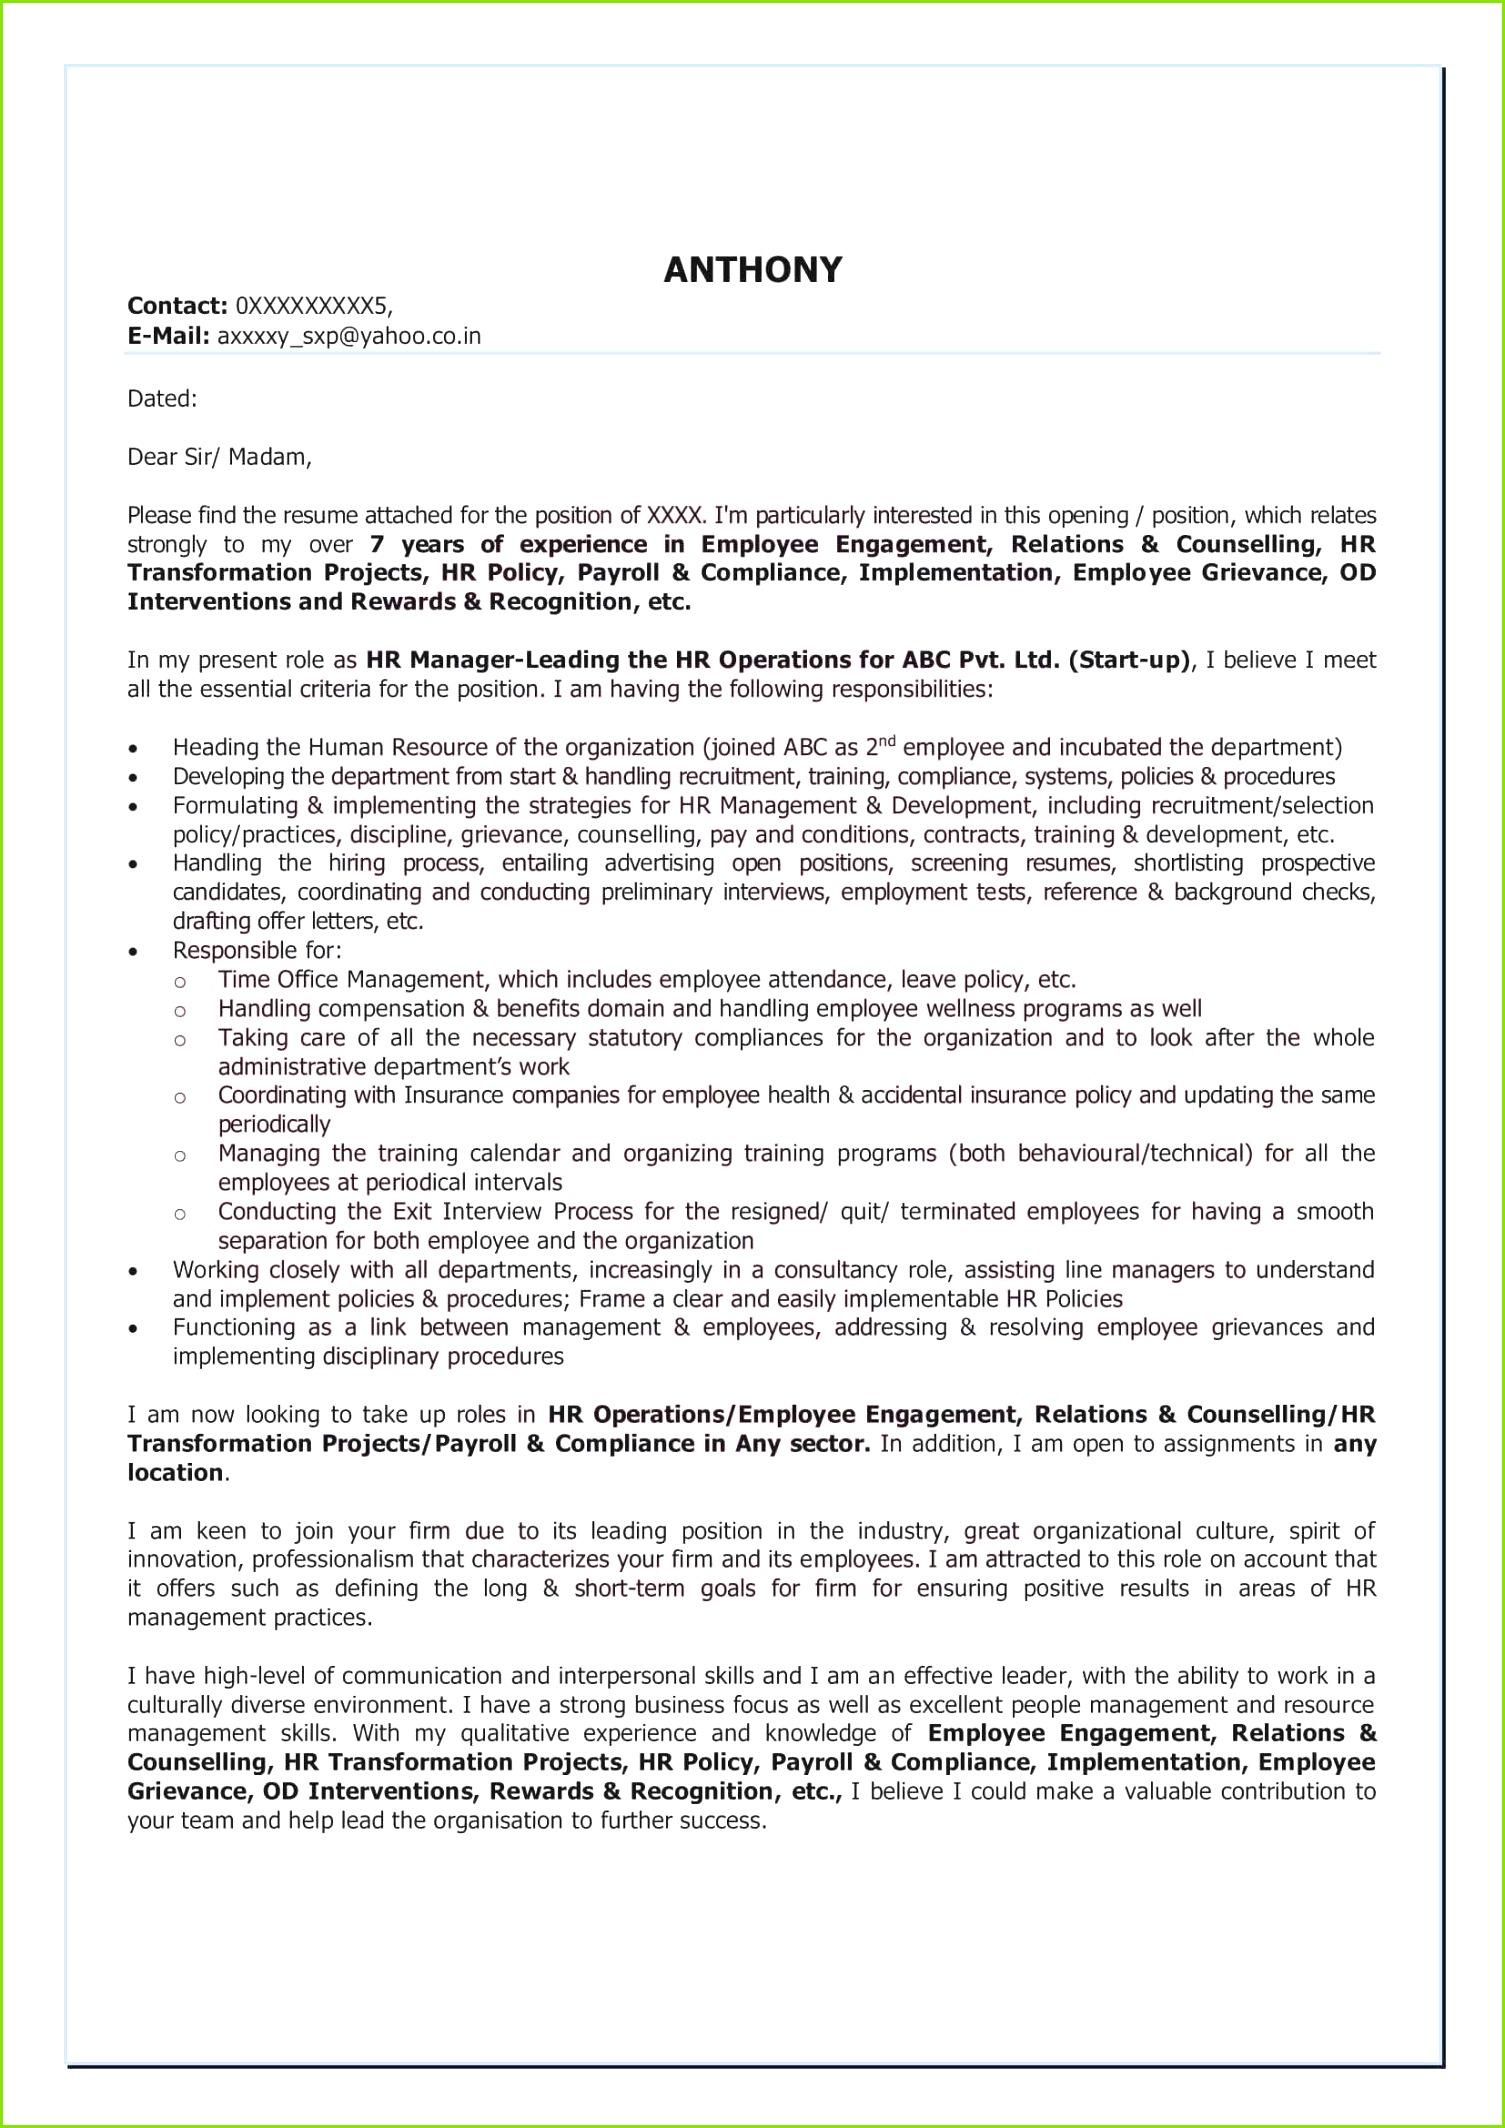 Tolle Vali rungsprotokollvorlage Fotos Beispielzusammenfassung Neues Kündigung Mietvertrag Vorlage Word – Kündigung Nach Elternzeit Durch Arbeitnehmer